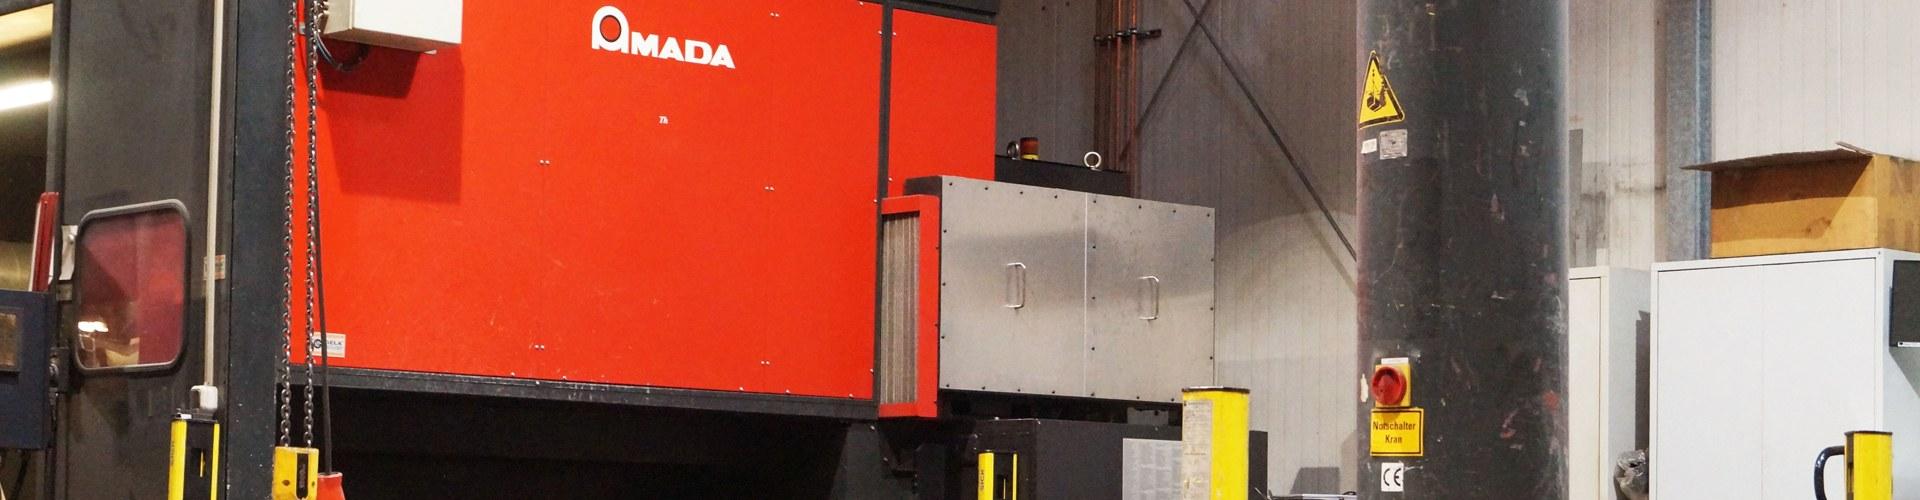 Amada laserschneiden lohnfertigung hsk nrw 2d 3d